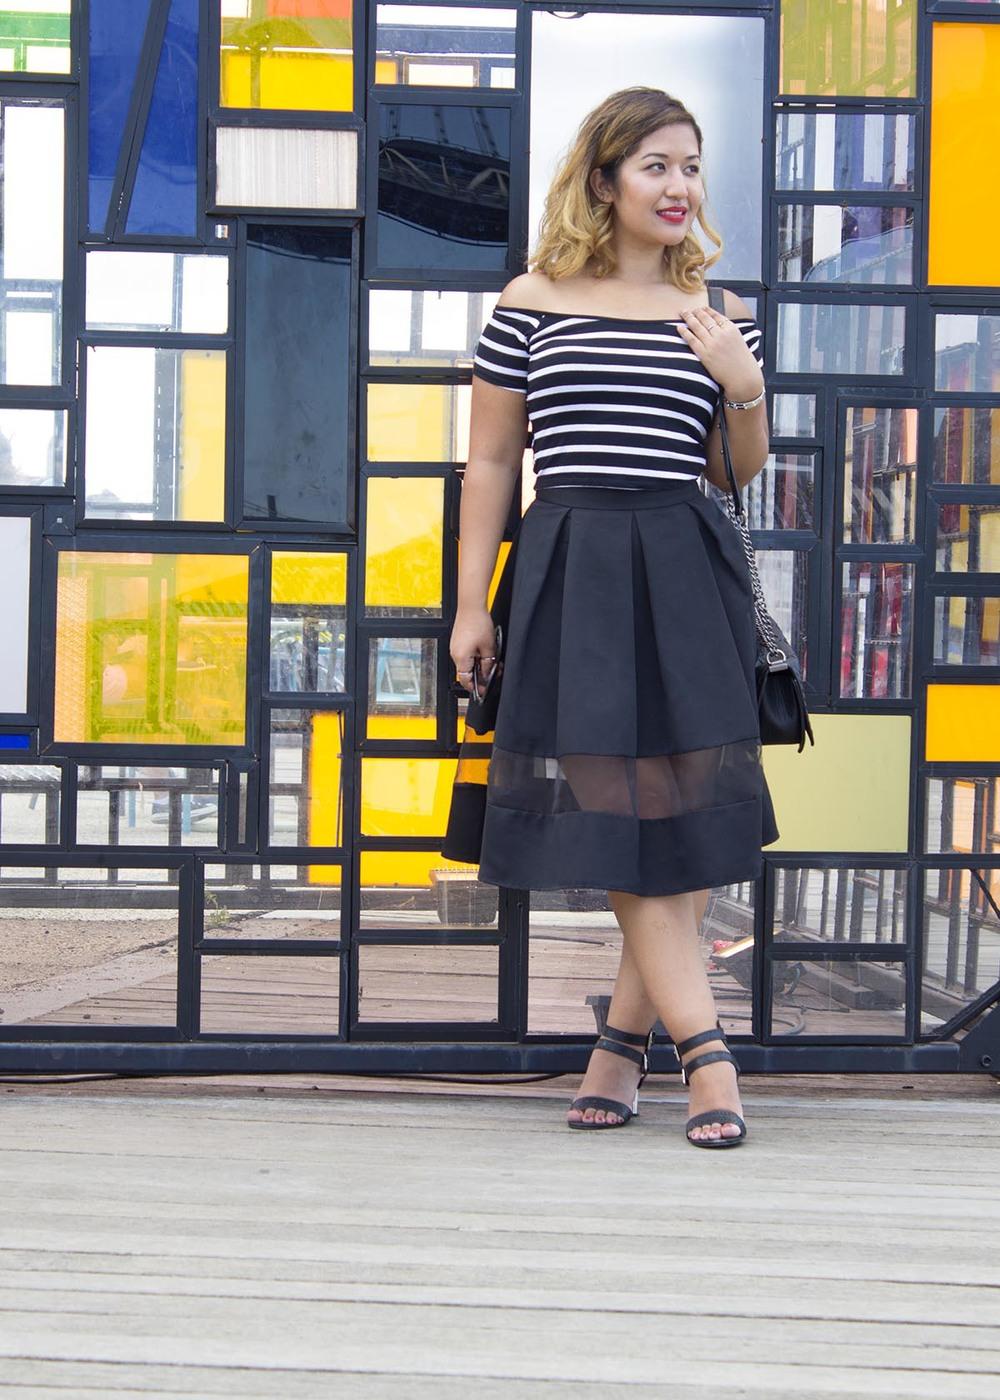 Krity S_black midi skirt classy2.jpg